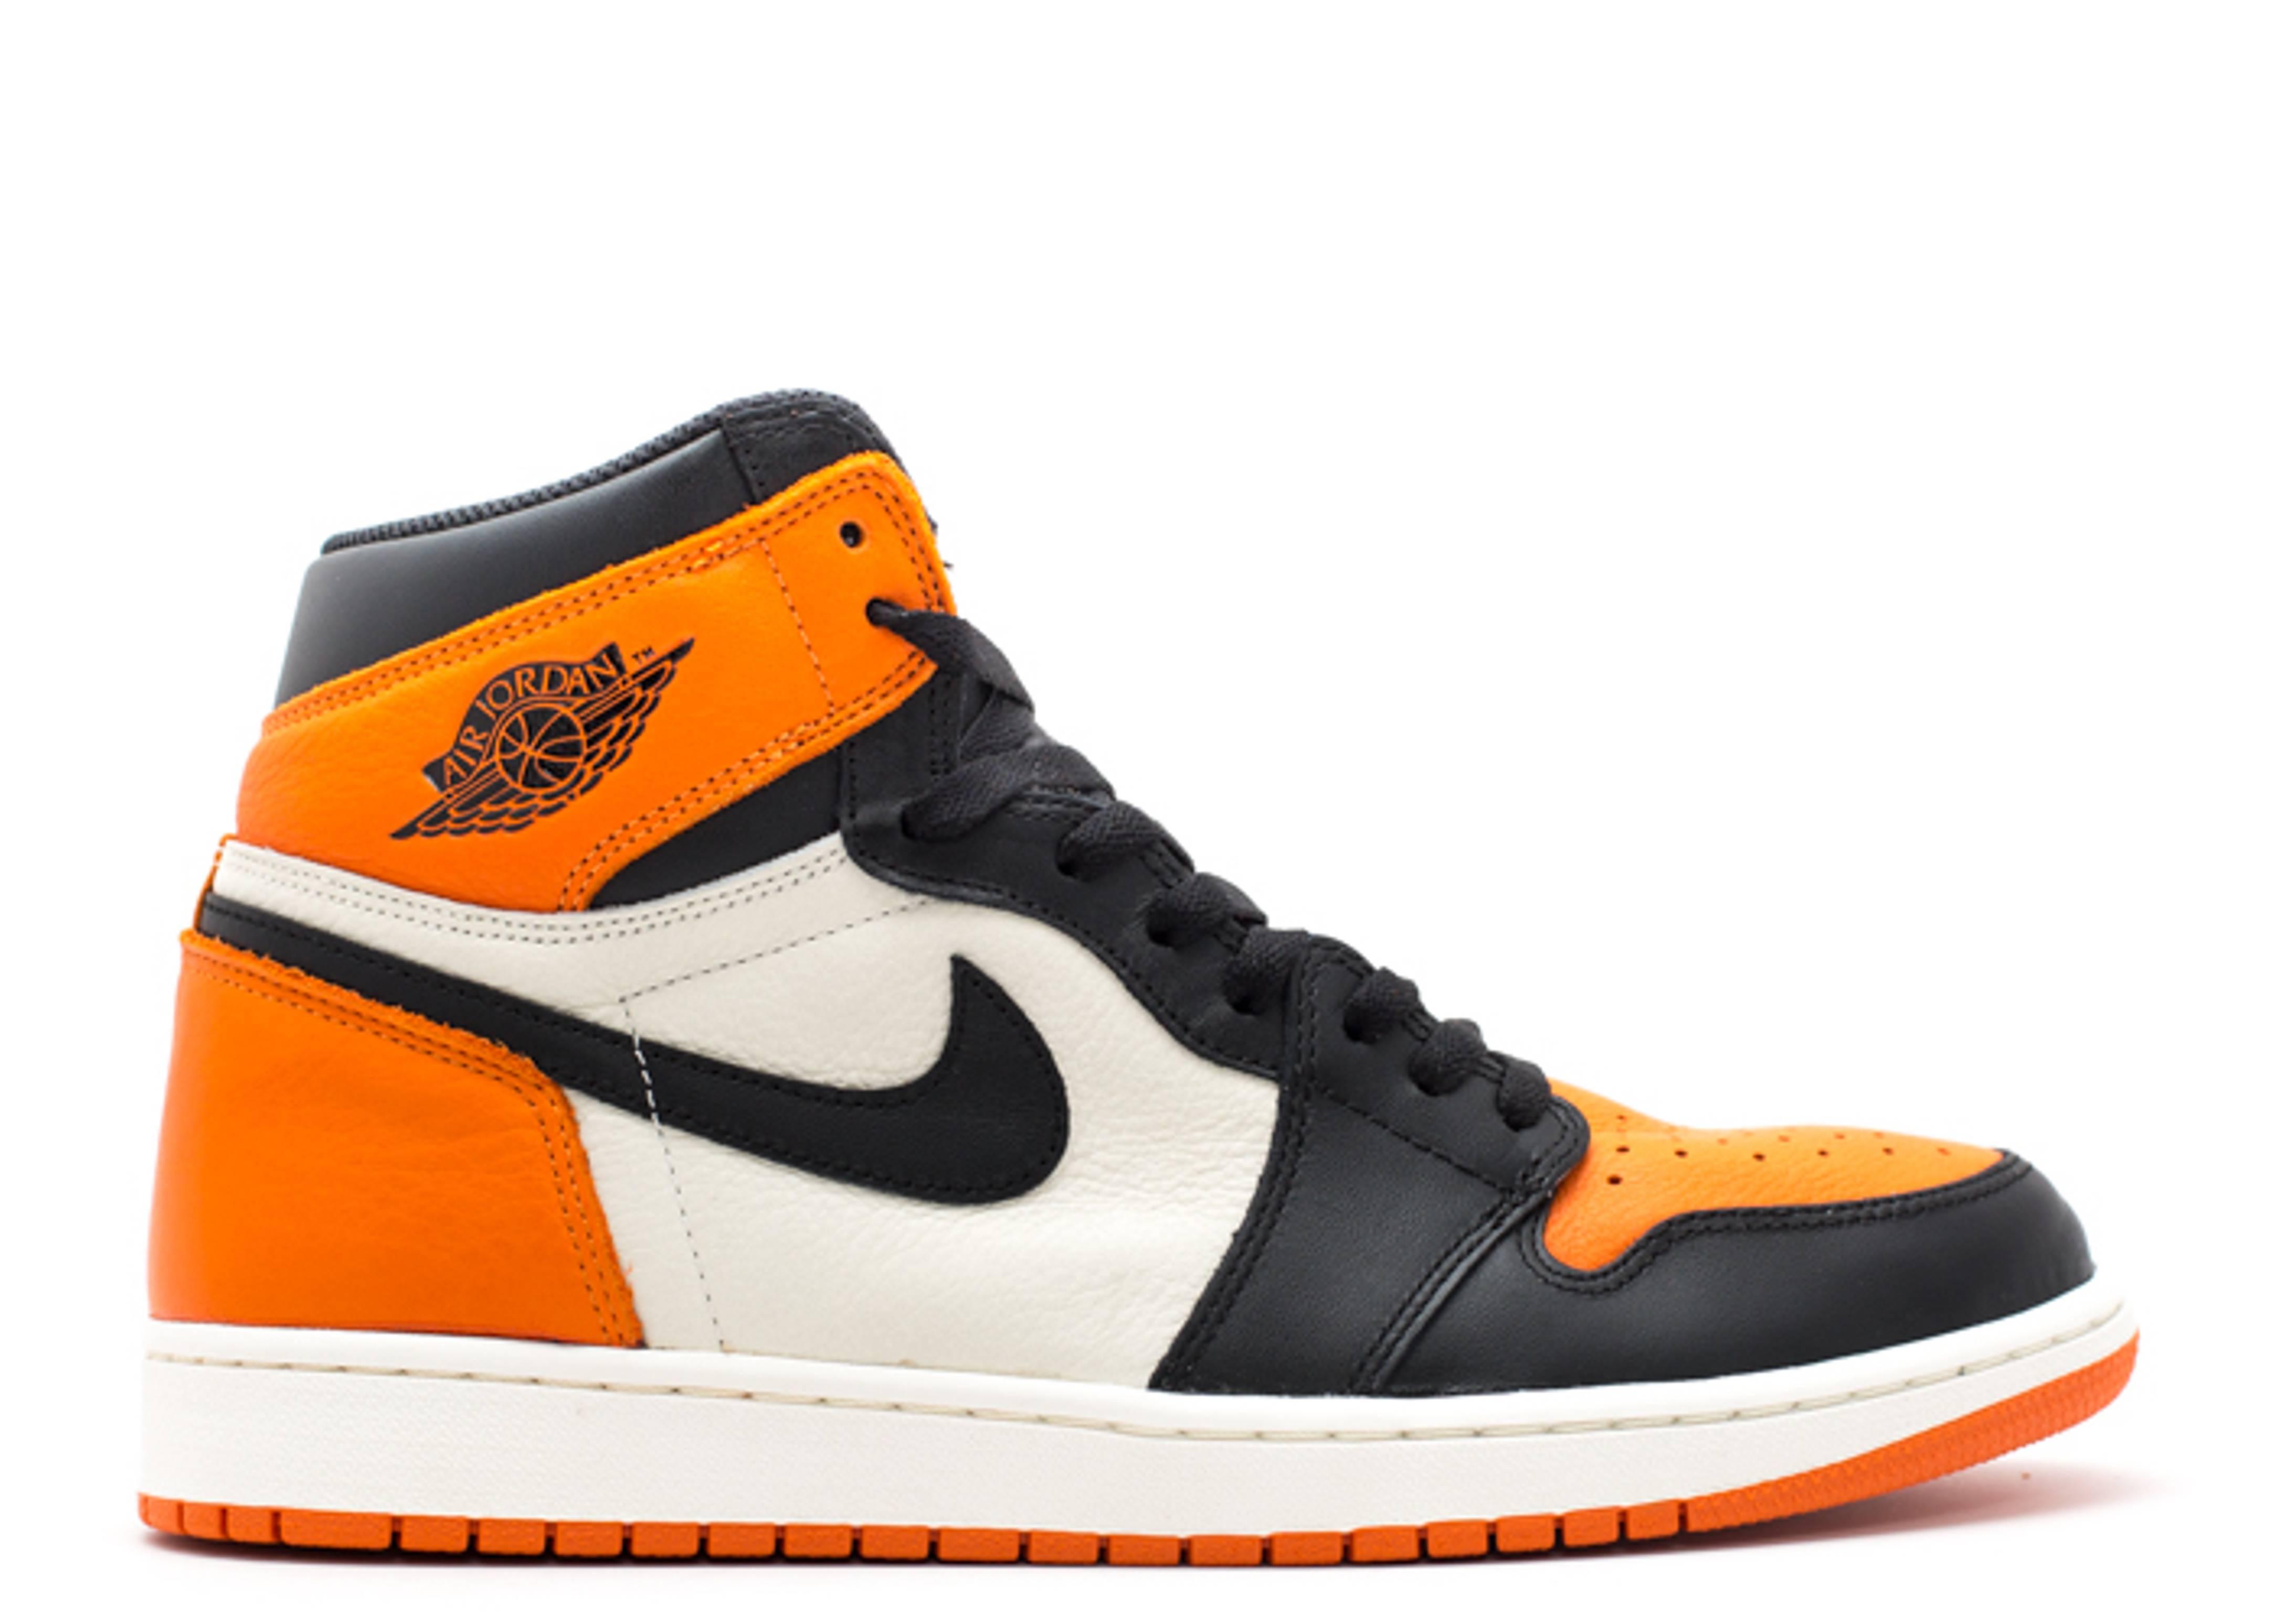 98bf8638d67 96+ Air Jordan 1 Retro High Og Shattered Backboard Air Jordan. Nike ...